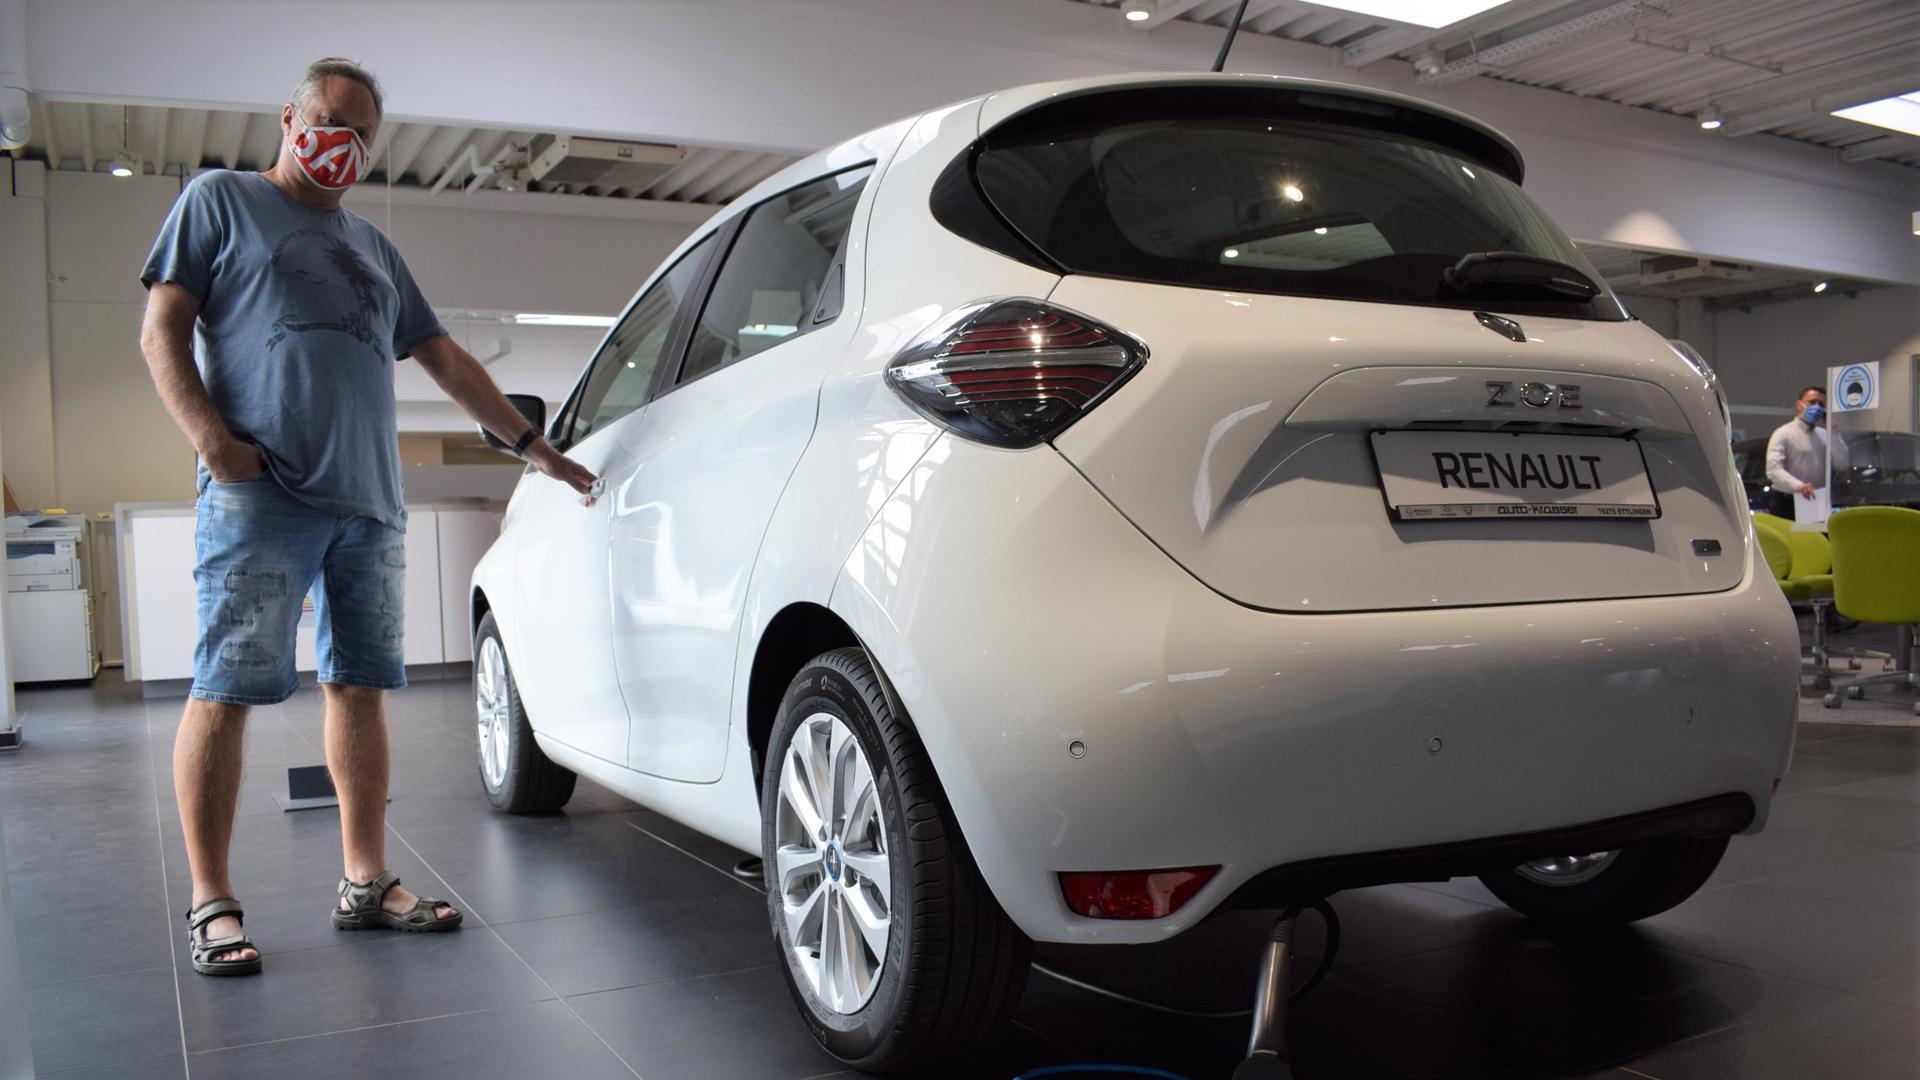 Auf den Geschmack gekommen: Michael Trägner aus Keltern hat im Autohaus Krasser den elektrisch betriebenen Renault Zoe ins Auge gefasst. Die Kaufprämie hat bei ihm das Interesse für E-Autos geweckt.